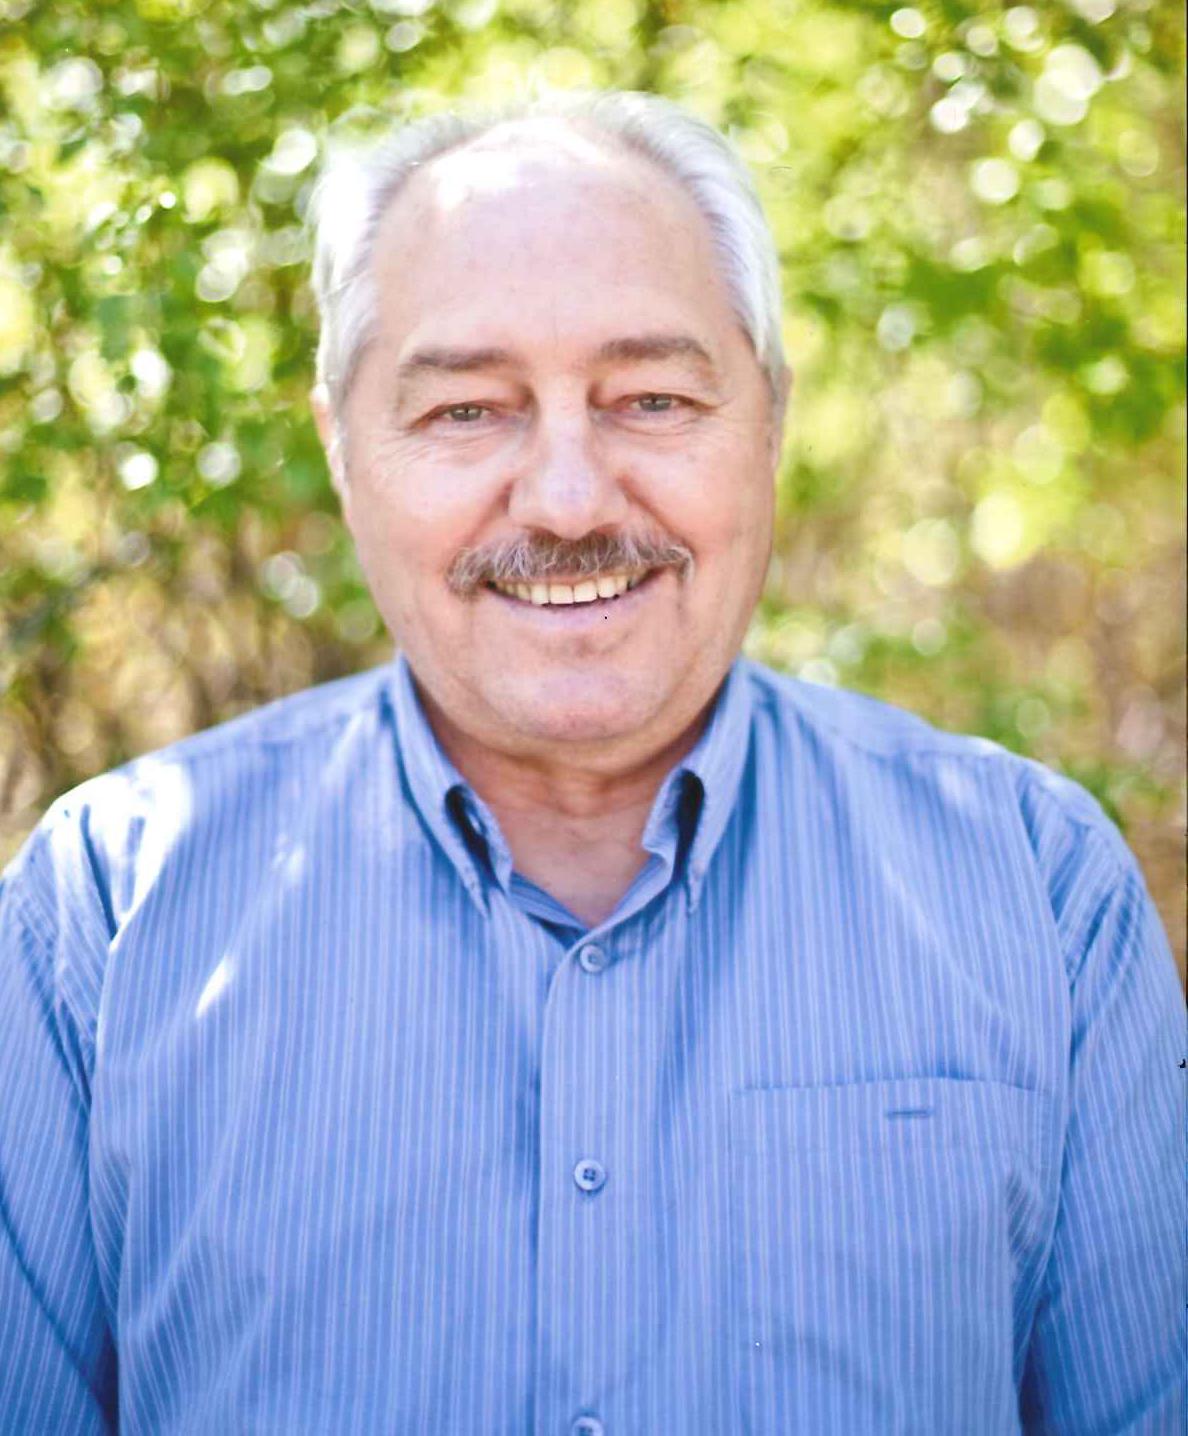 Eric Allan Olsen